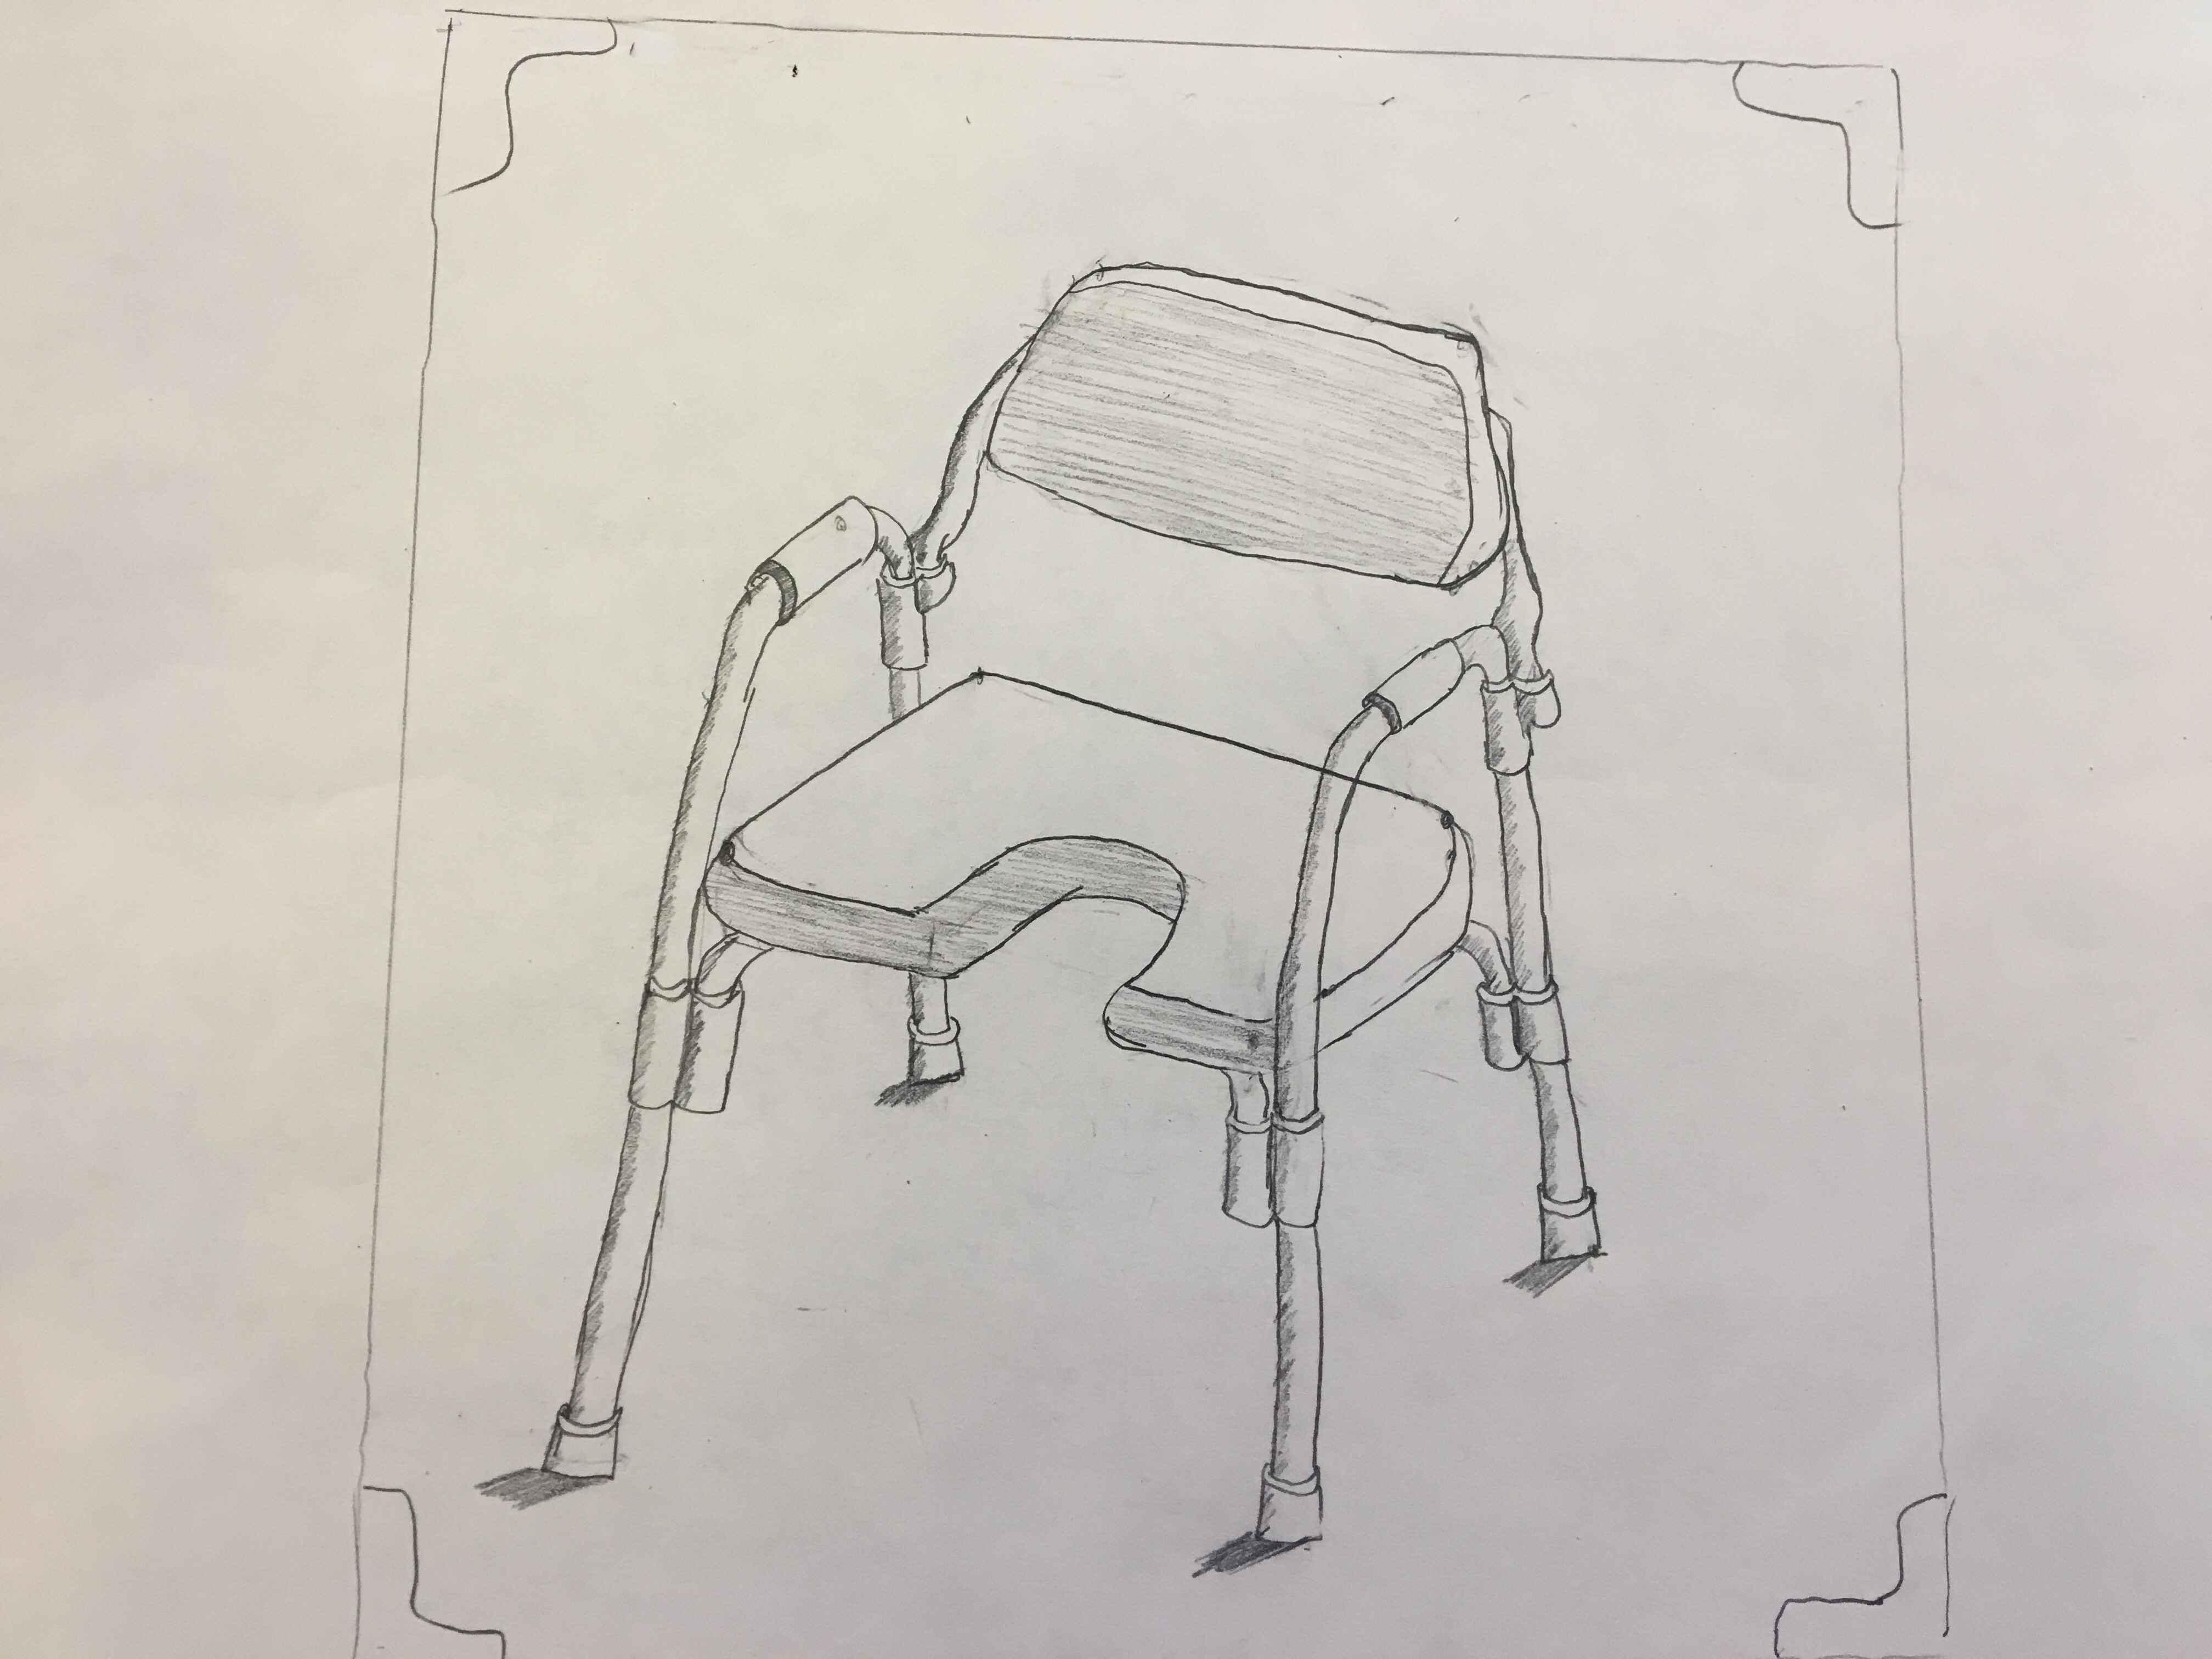 トイレ椅子/Ghế vệ sinh